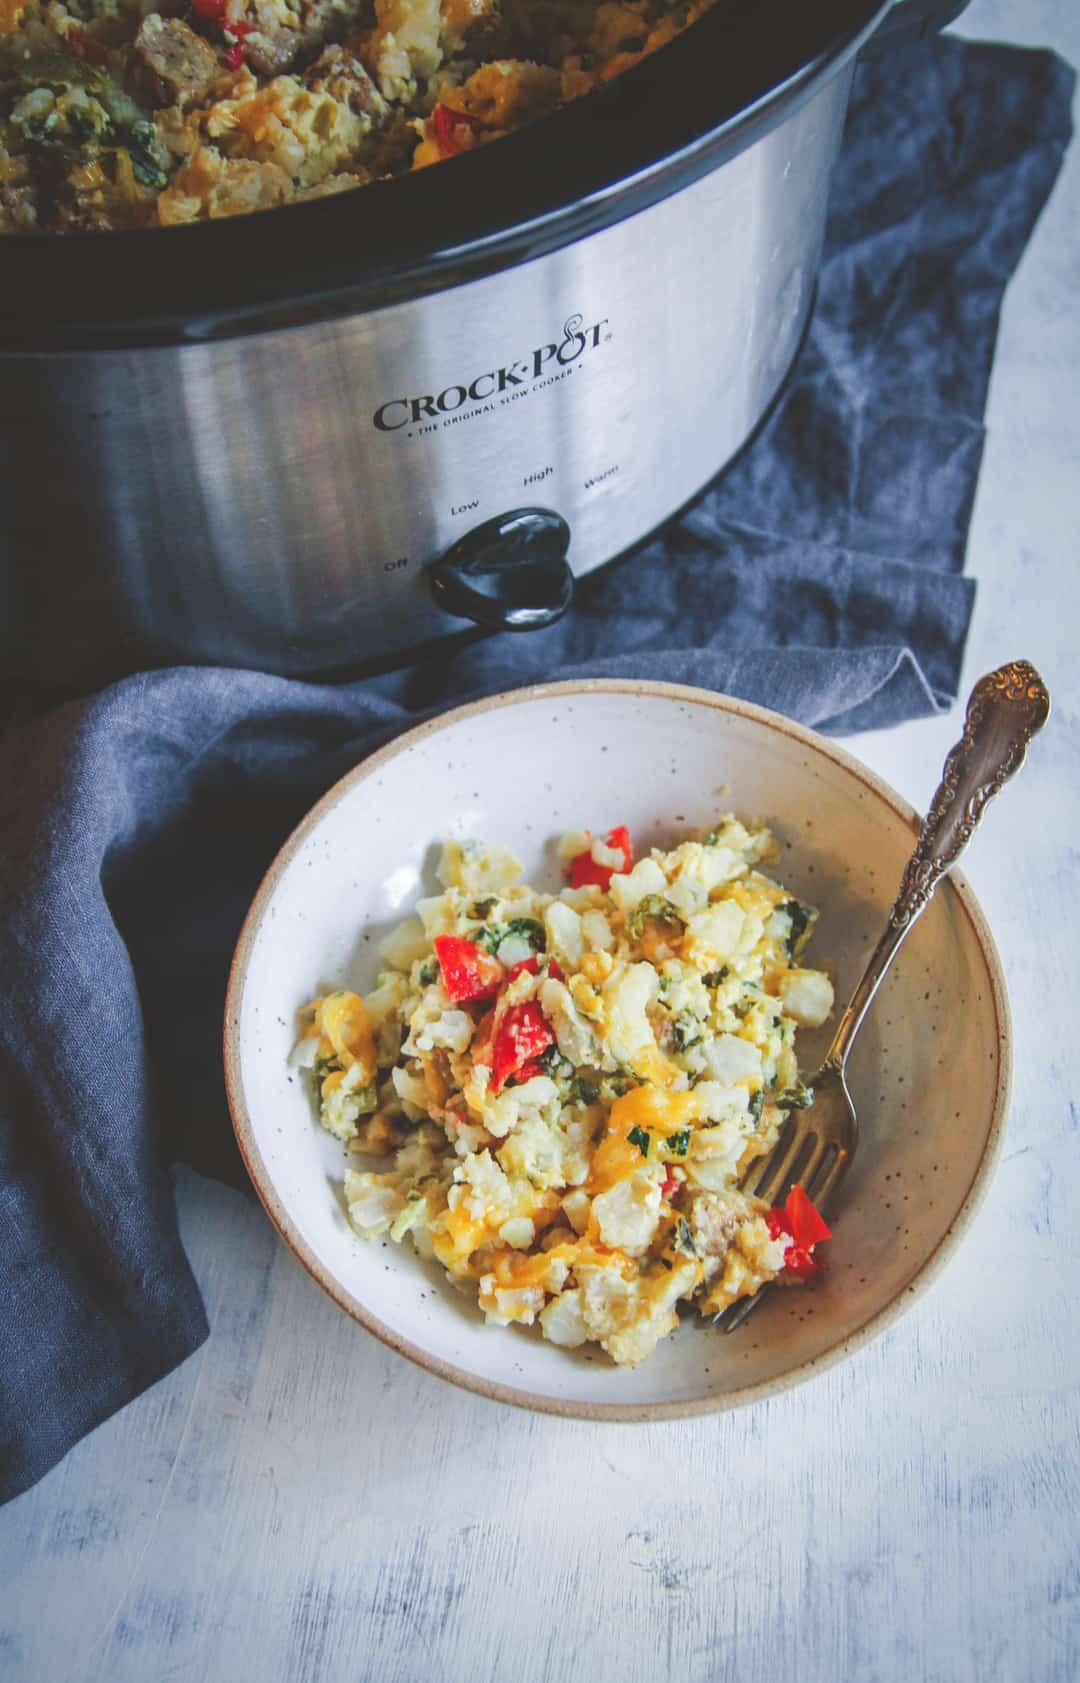 Slow Cooker Breakfast Casserole Healthy  slow cooker breakfast casserole healthy